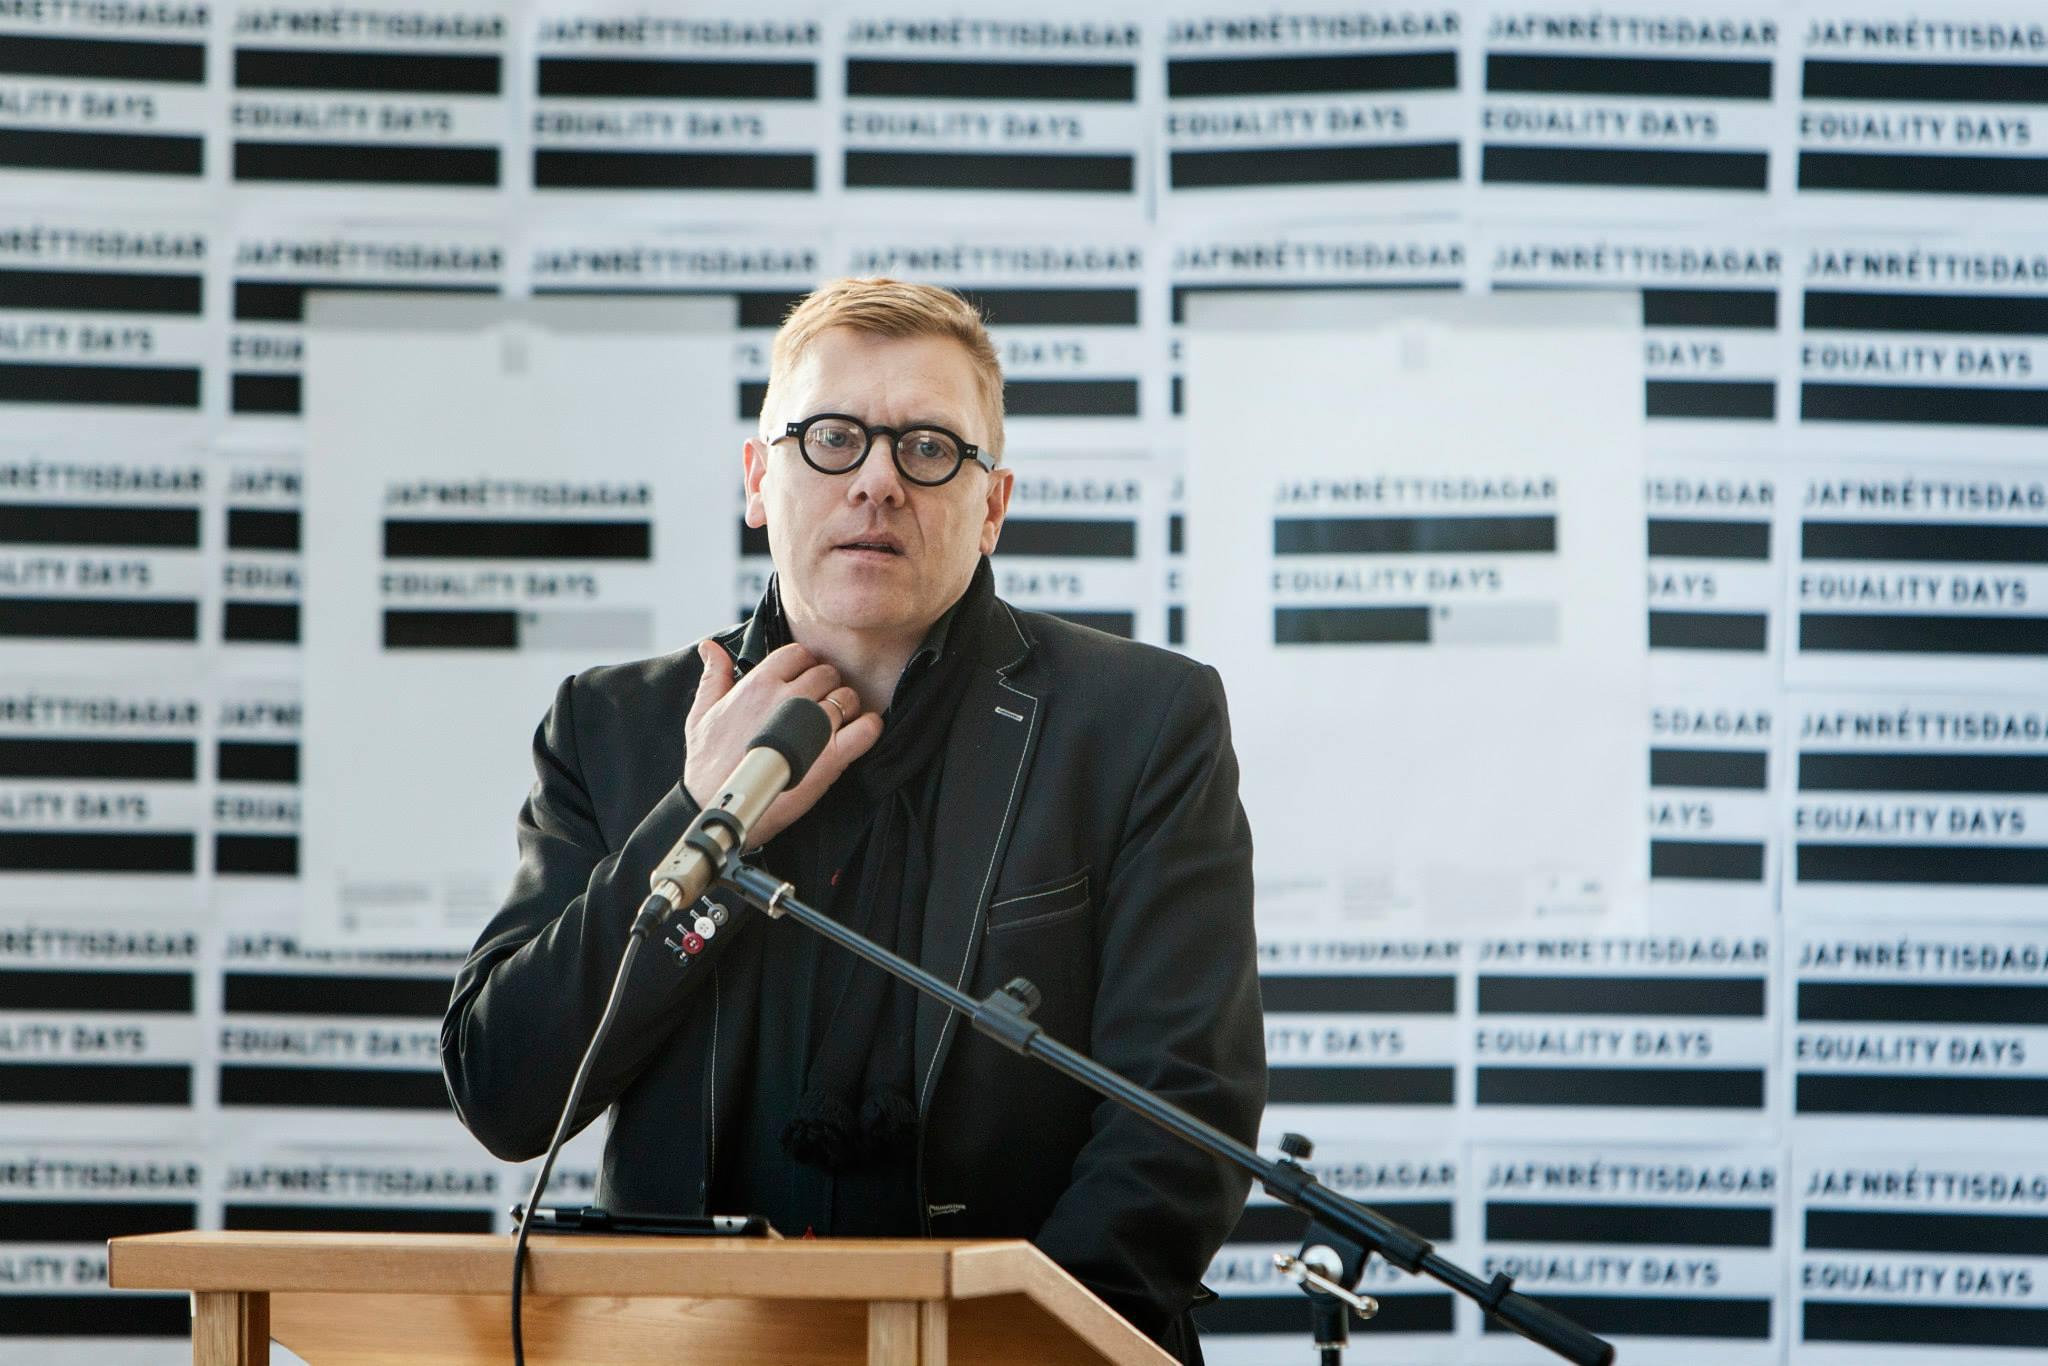 Vaxandi hátíð: Jón Gnarr setti Jafnréttisdaga 2013